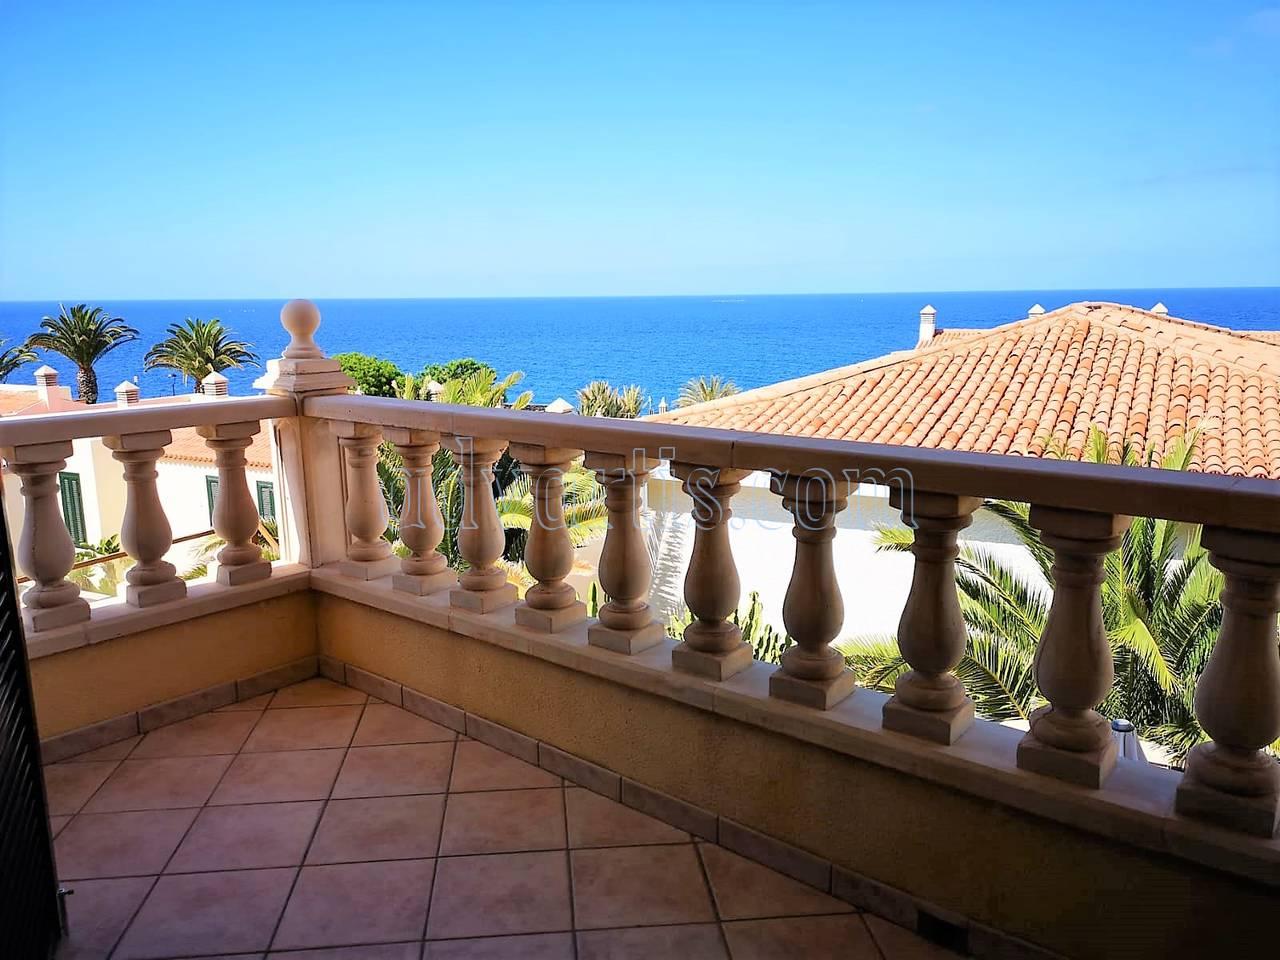 House for sale in Costa del Silencio, Tenerife €350.000